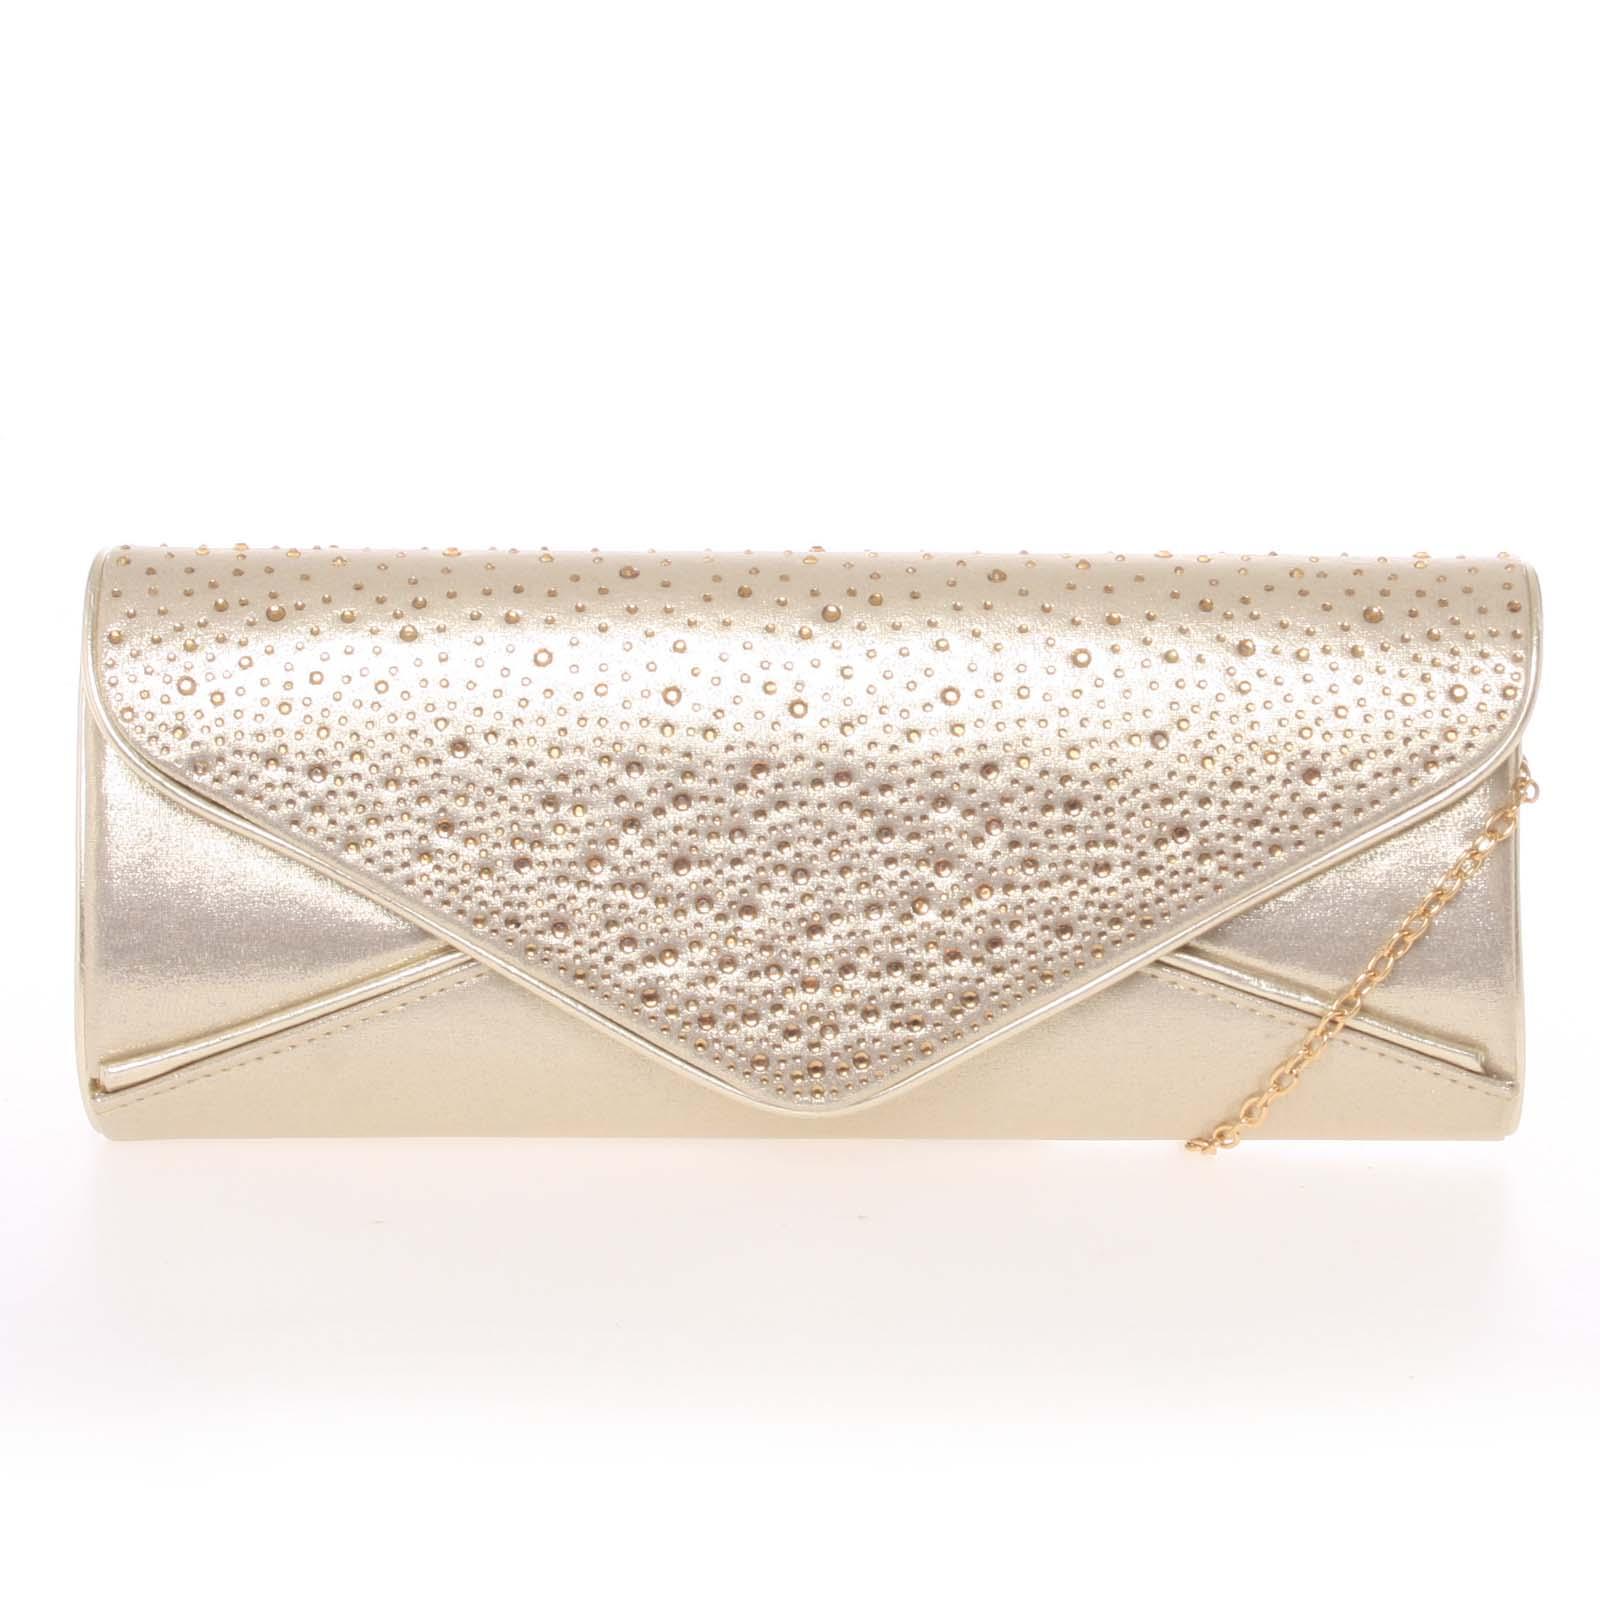 415d47ba01 Exkluzívna dámska zlatá listová kabelka - Delami D547 zlatá - Glami.sk